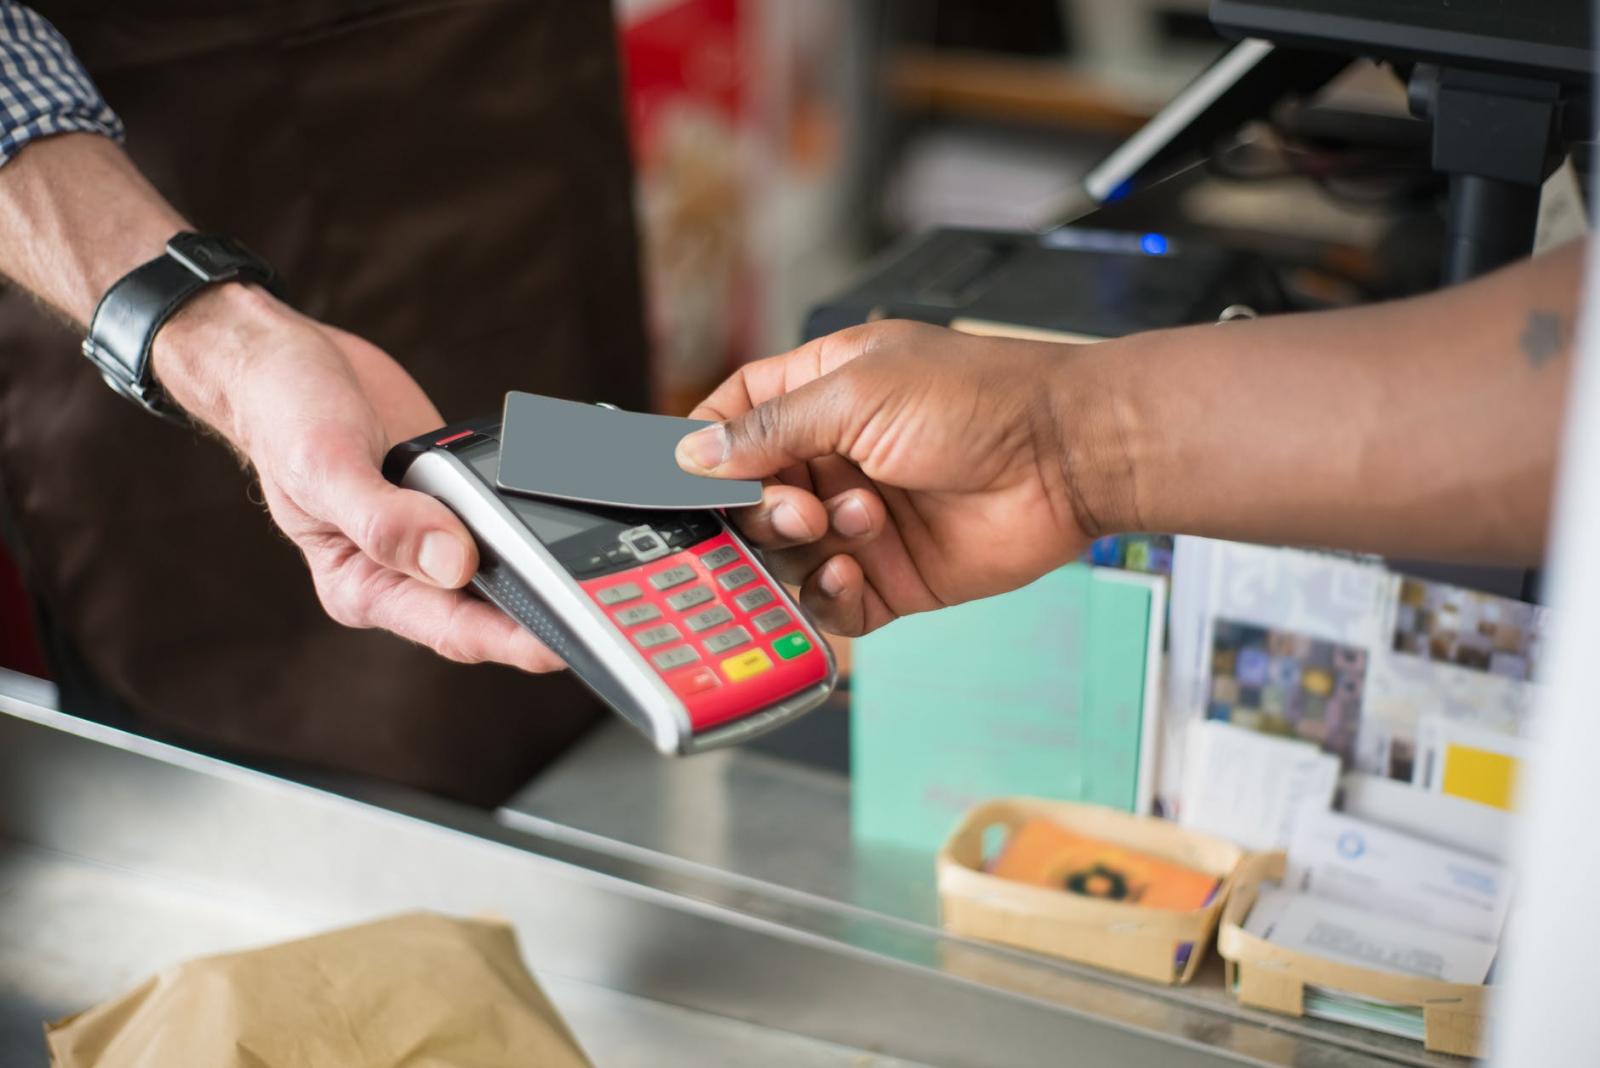 【理財專知】雙北解封開放內用!各銀行祭刷卡餐飲消費優惠 最多8.7折